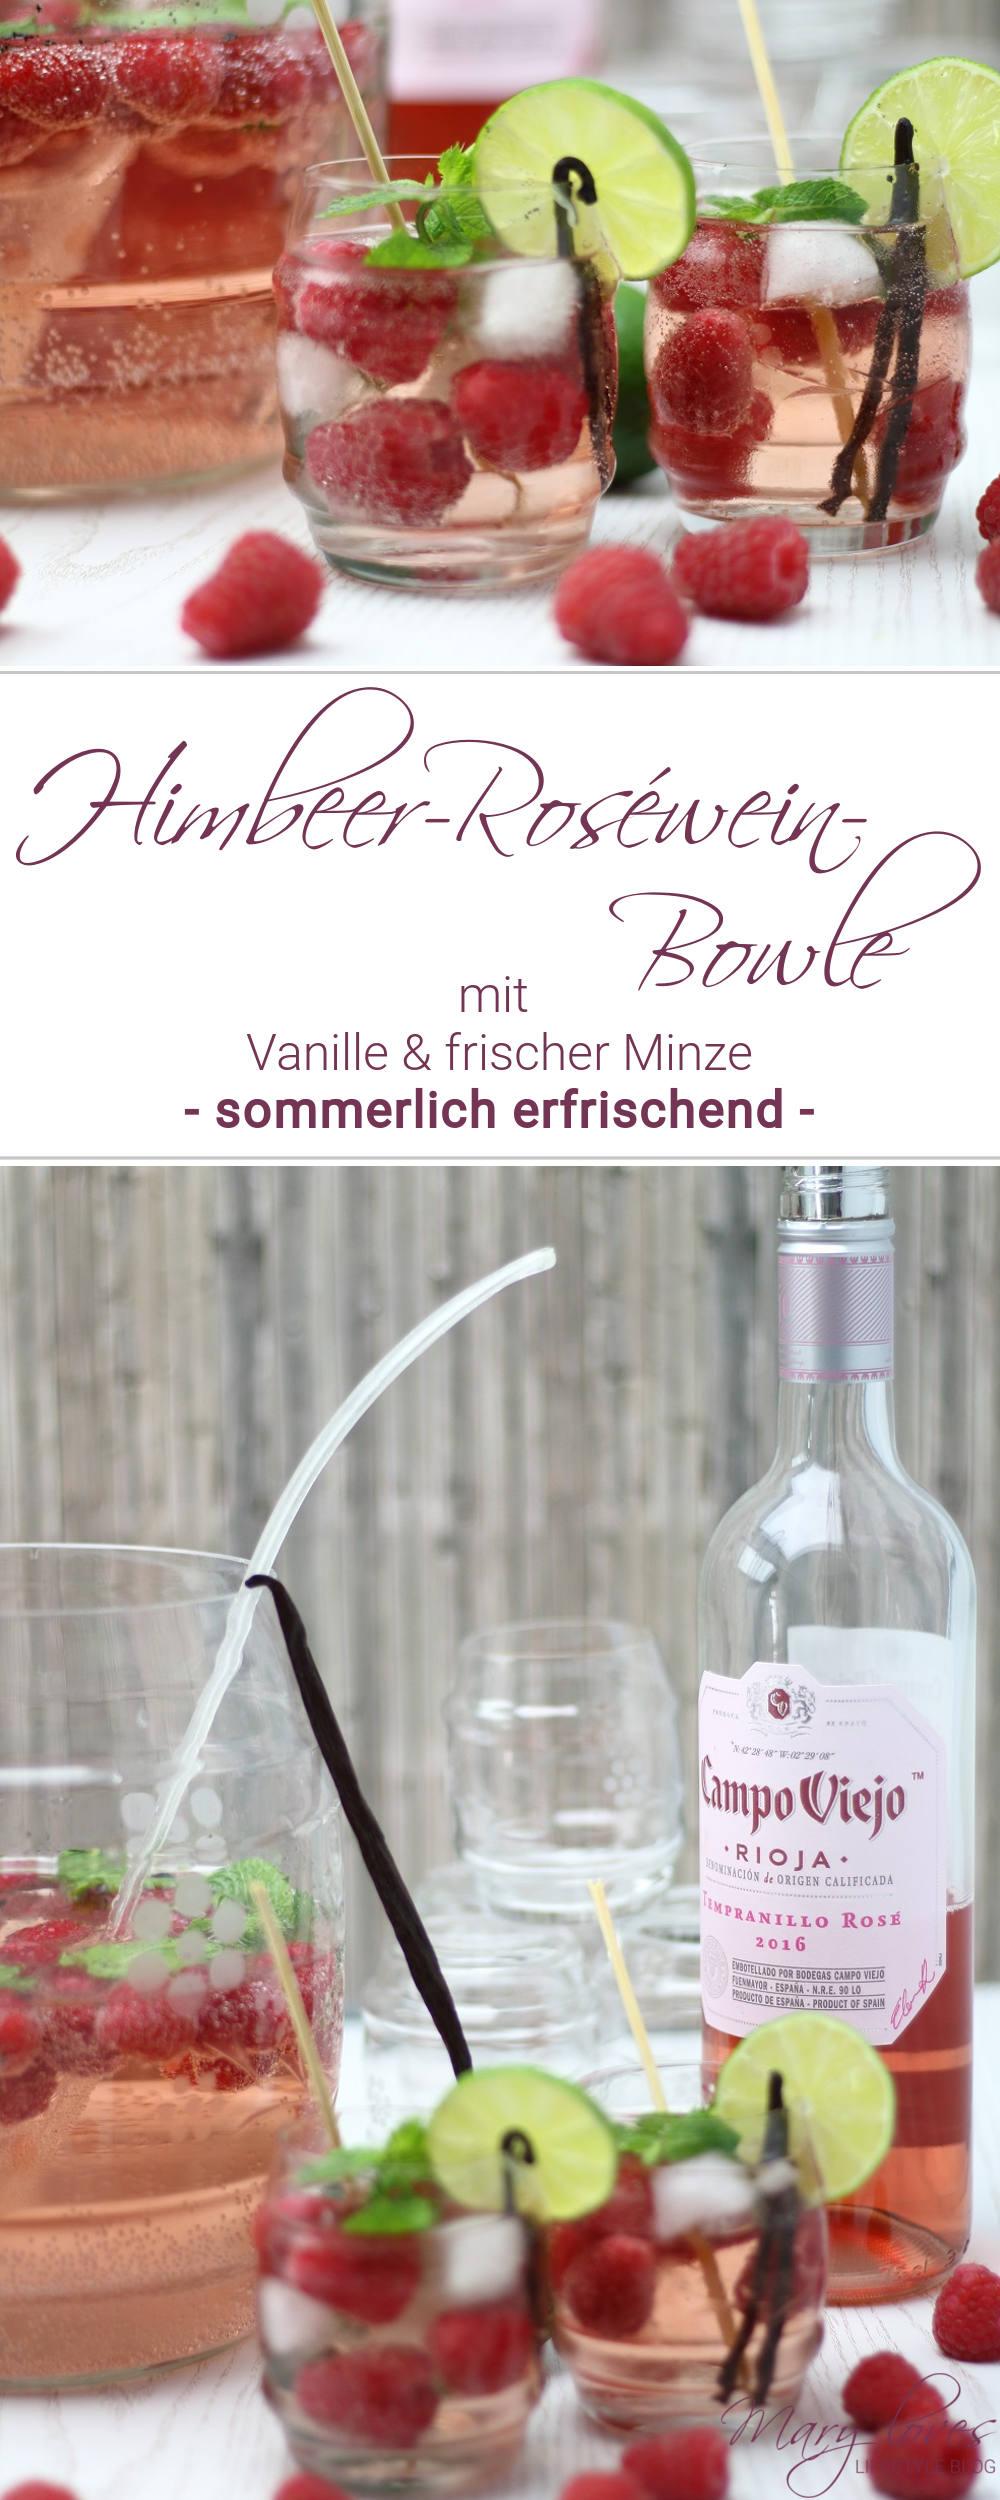 Rezept für eine sommerliche Himbeer-Roséwein-Bowle mit Vanille und frischer Minze